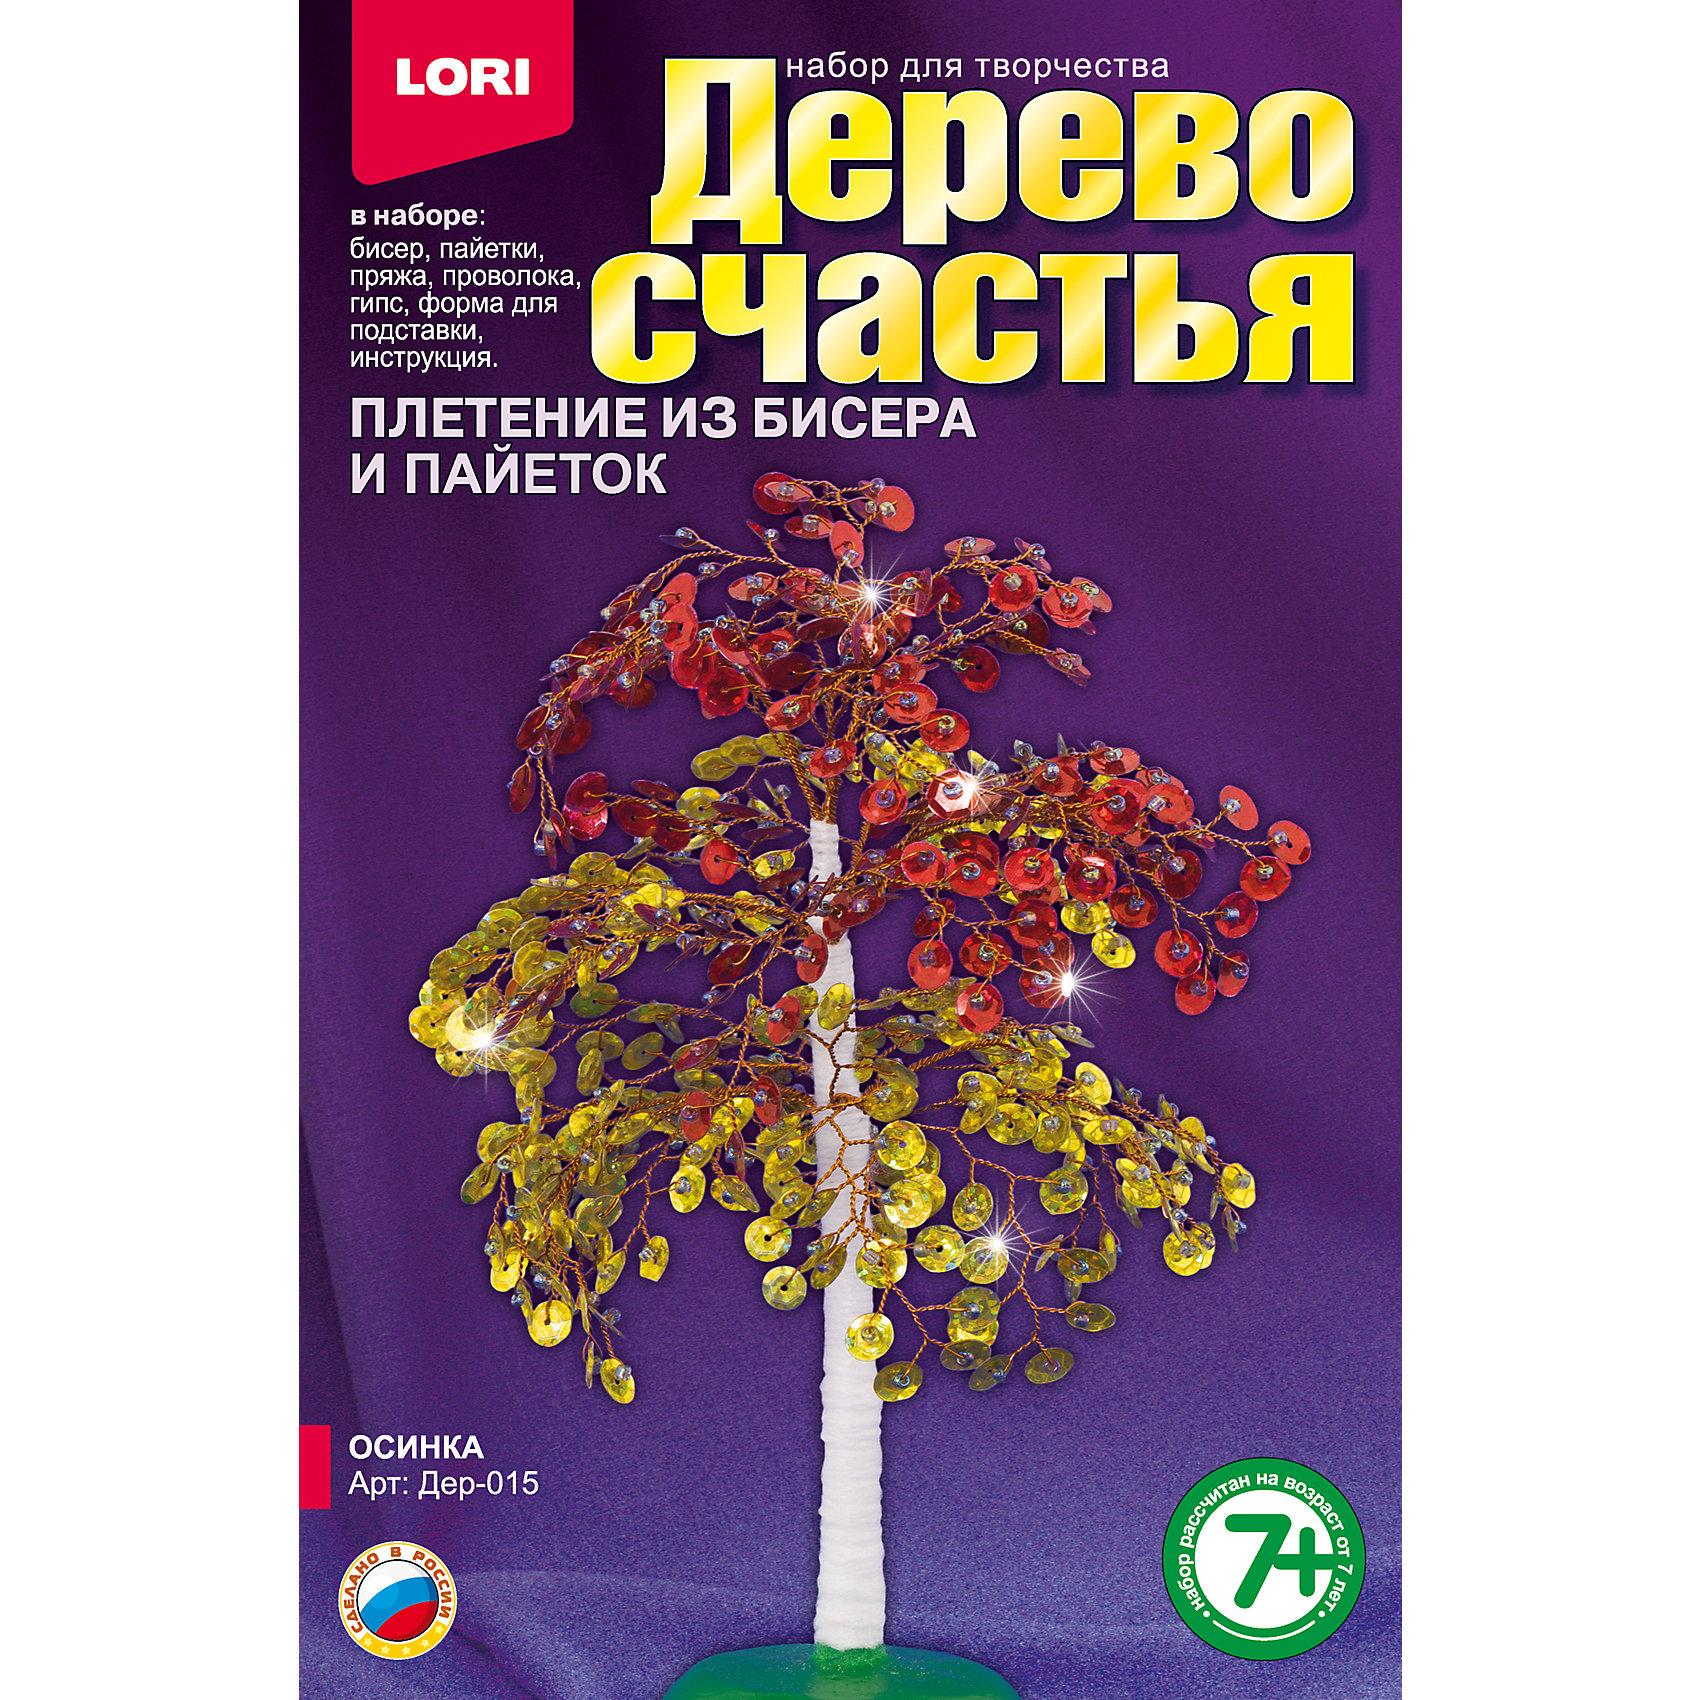 Дерево счастья ОсинкаДеревья из пайеток<br>Характеристики товара:<br><br>• цвет: разноцветный<br>• размер упаковки: 13х20х4 см<br>• вес: 190 г<br>• комплектация: бисер, акриловые бусины, пайетки, пряжа коричневая, проволока, гипс, полистирольная форма для заливки гипса, подробная инструкция<br>• возраст: от семи лет<br>• упаковка: картонная коробка<br>• страна бренда: РФ<br>• страна изготовитель: РФ<br><br>Творчество - это увлекательно и полезно! Такой набор станет отличным подарком ребенку - ведь с помощью него можно получить красивое дерево счастья! В набор входит бисер, акриловые бусины, пайетки, пряжа коричневая, проволока, гипс, полистирольная форма для заливки гипса, подробная инструкция. Чтобы сделать дерево, ребенку нужно заполнить следовать указаниям инструкции. В итоге получается украшение для интерьера или подарок родным.<br>Детям очень нравится что-то делать своими руками! Кроме того, творчество помогает детям развивать важные навыки и способности, оно активизирует мышление, формирует усидчивость, творческие способности, мелкую моторику и воображение. Изделие производится из качественных и проверенных материалов, которые безопасны для детей.<br><br>Набор Дерево счастья Осинка от бренда LORI можно купить в нашем интернет-магазине.<br><br>Ширина мм: 208<br>Глубина мм: 135<br>Высота мм: 40<br>Вес г: 181<br>Возраст от месяцев: 84<br>Возраст до месяцев: 144<br>Пол: Женский<br>Возраст: Детский<br>SKU: 5158194